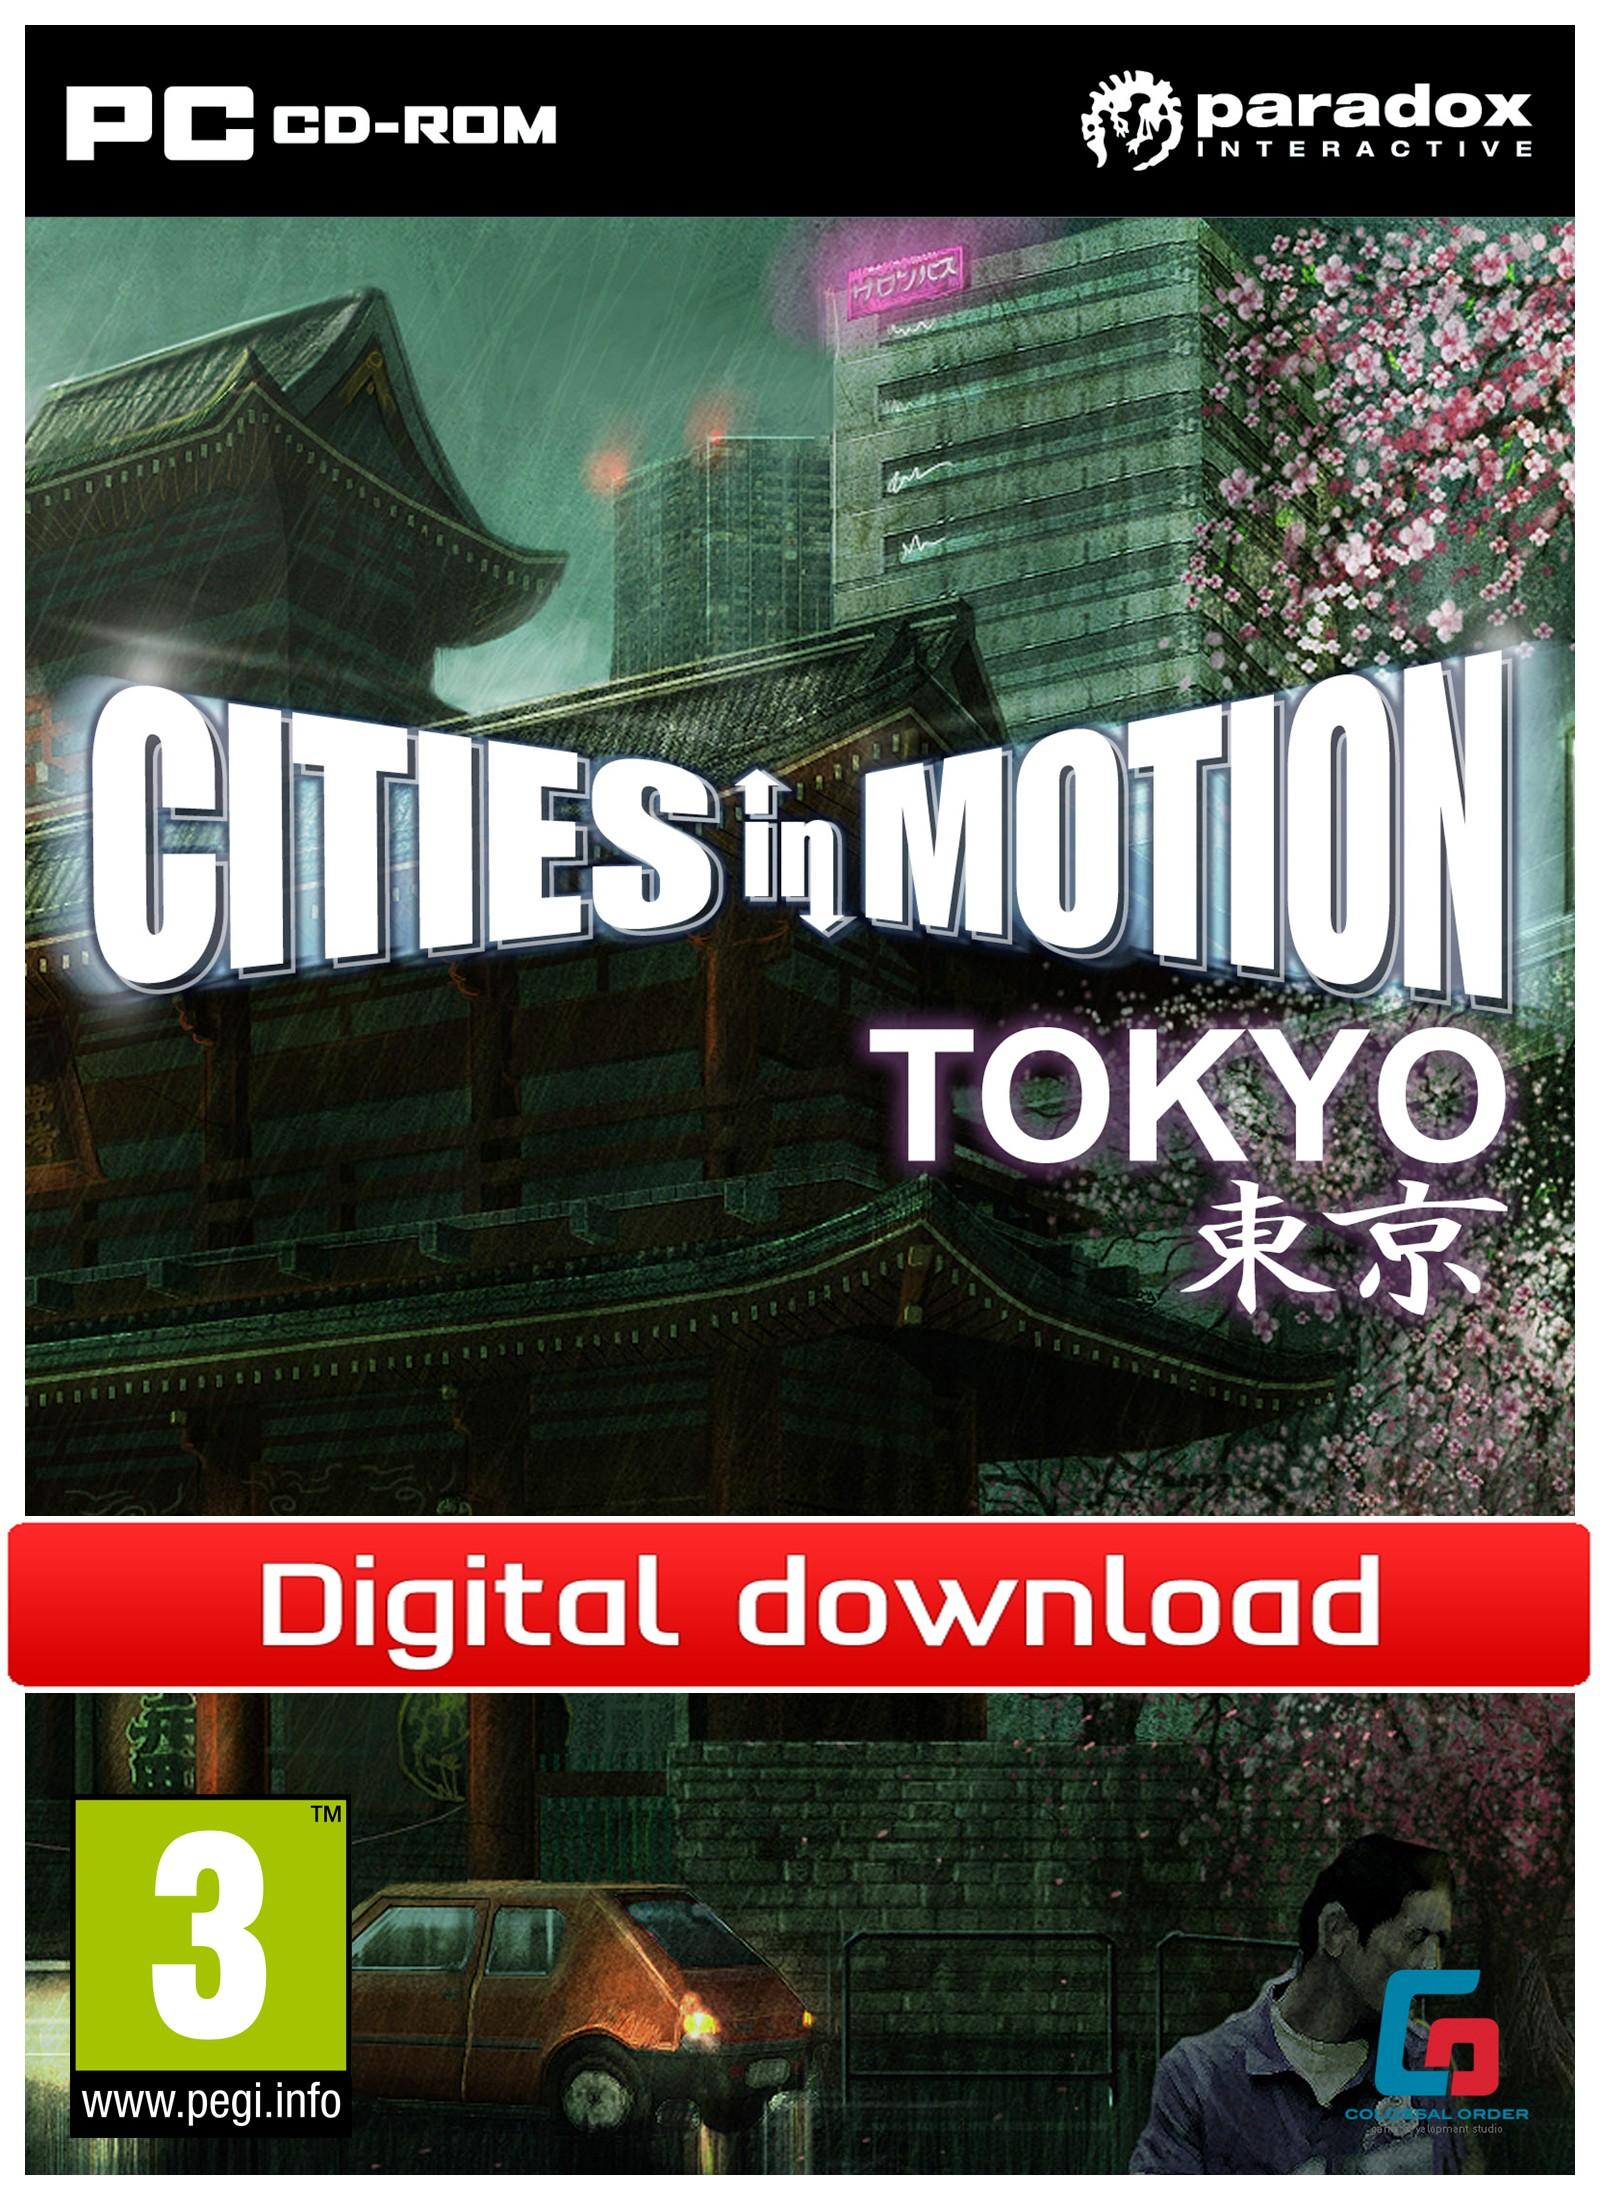 Cities in Motion: Tokyo (PC nedlastning) PCDD26866